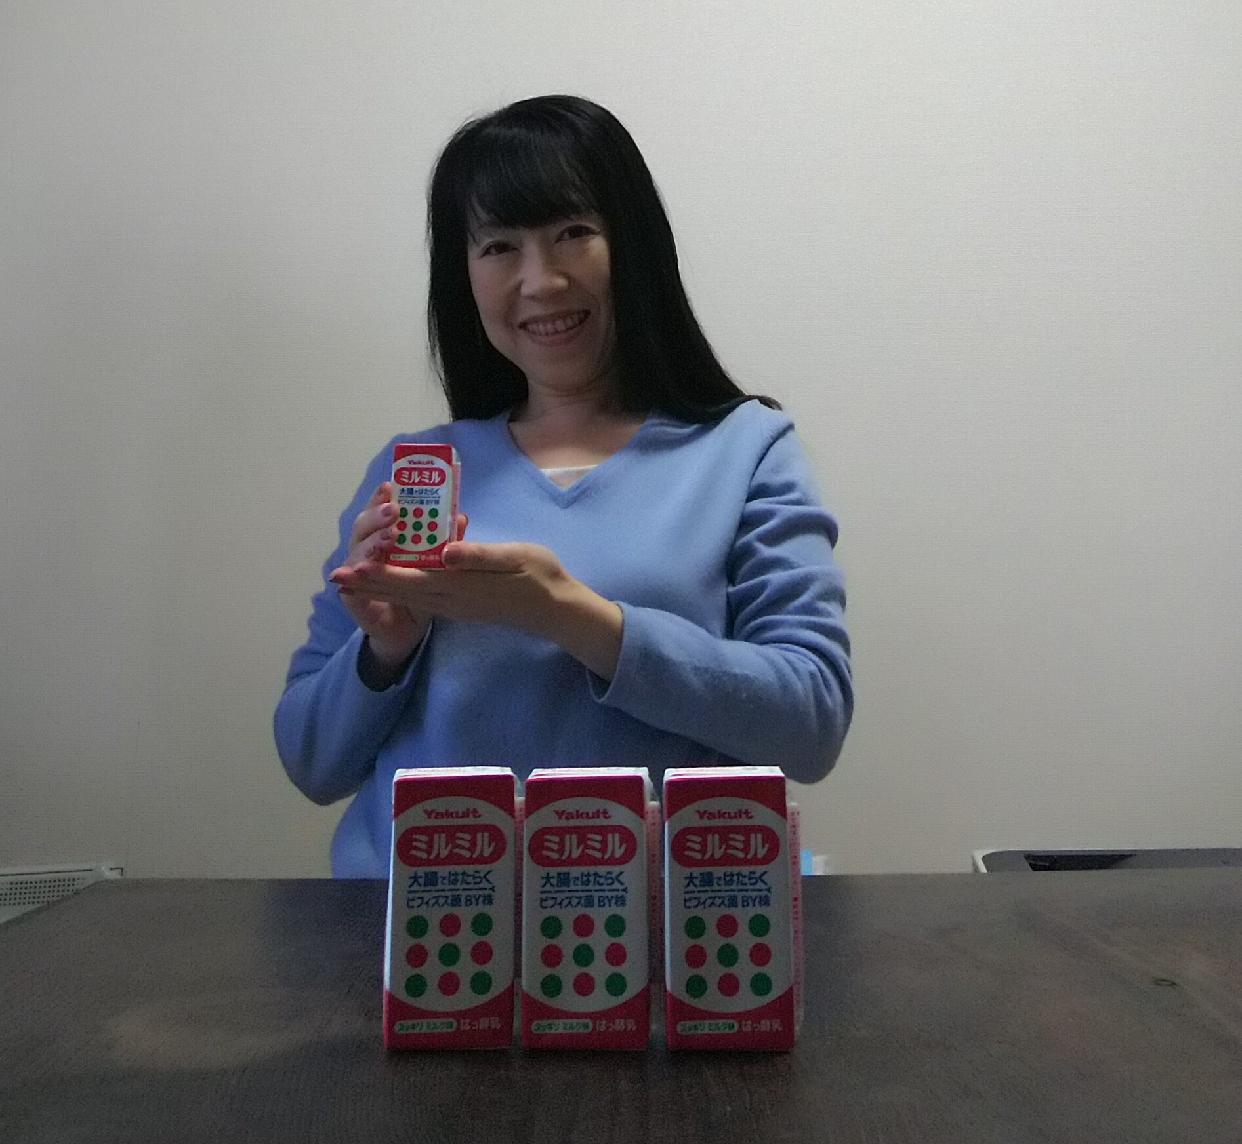 Yakult(ヤクルト) ミルミルを使った東 洋美さんのクチコミ画像